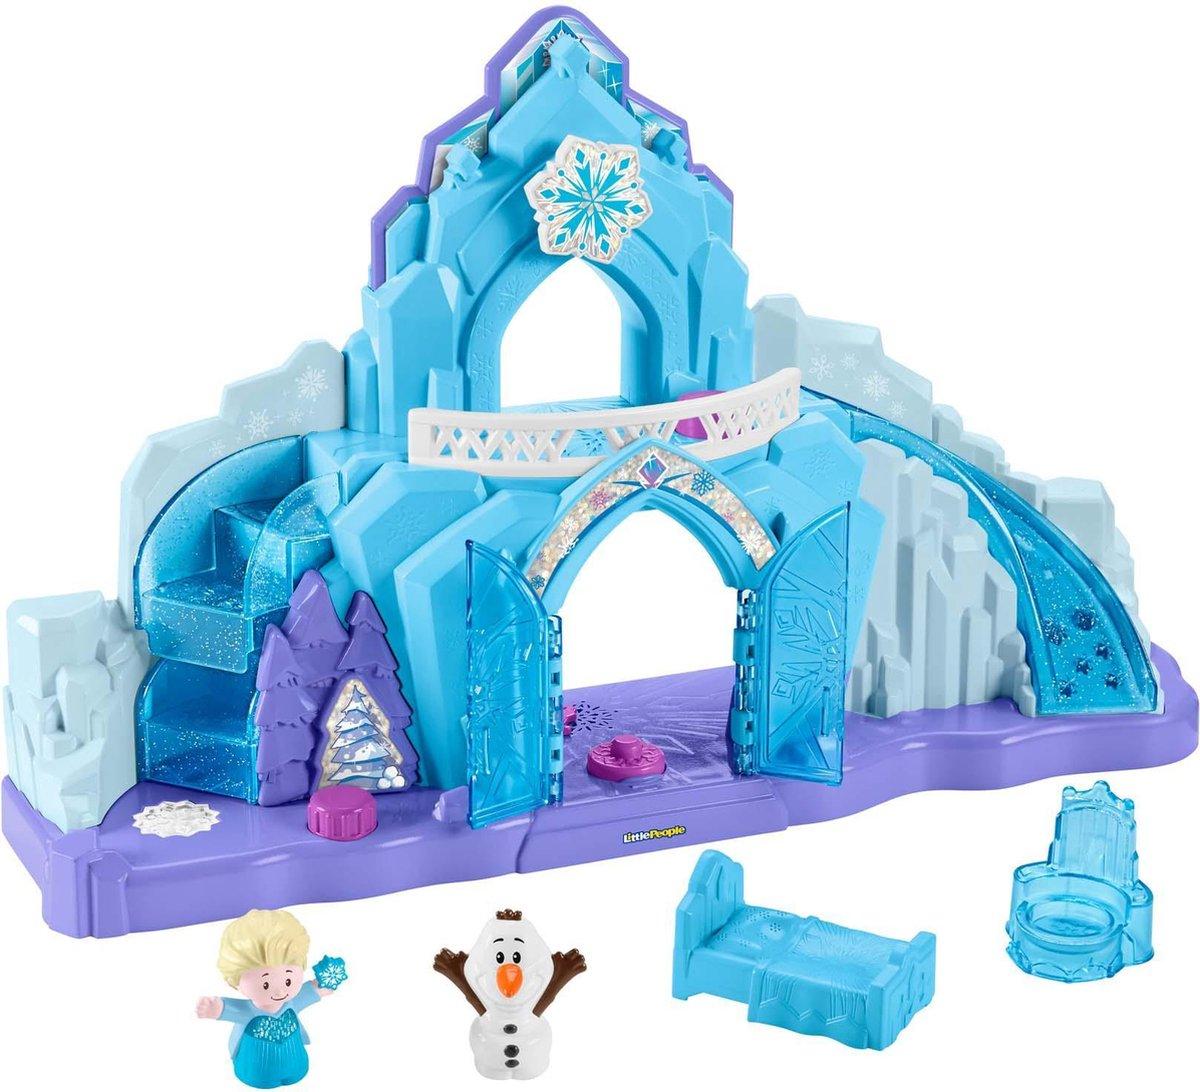 Fisher-Price Little People Disney Frozen Elsa's IJspaleis - Speelfigurenset prijzen vergelijken. Klik voor vergroting.